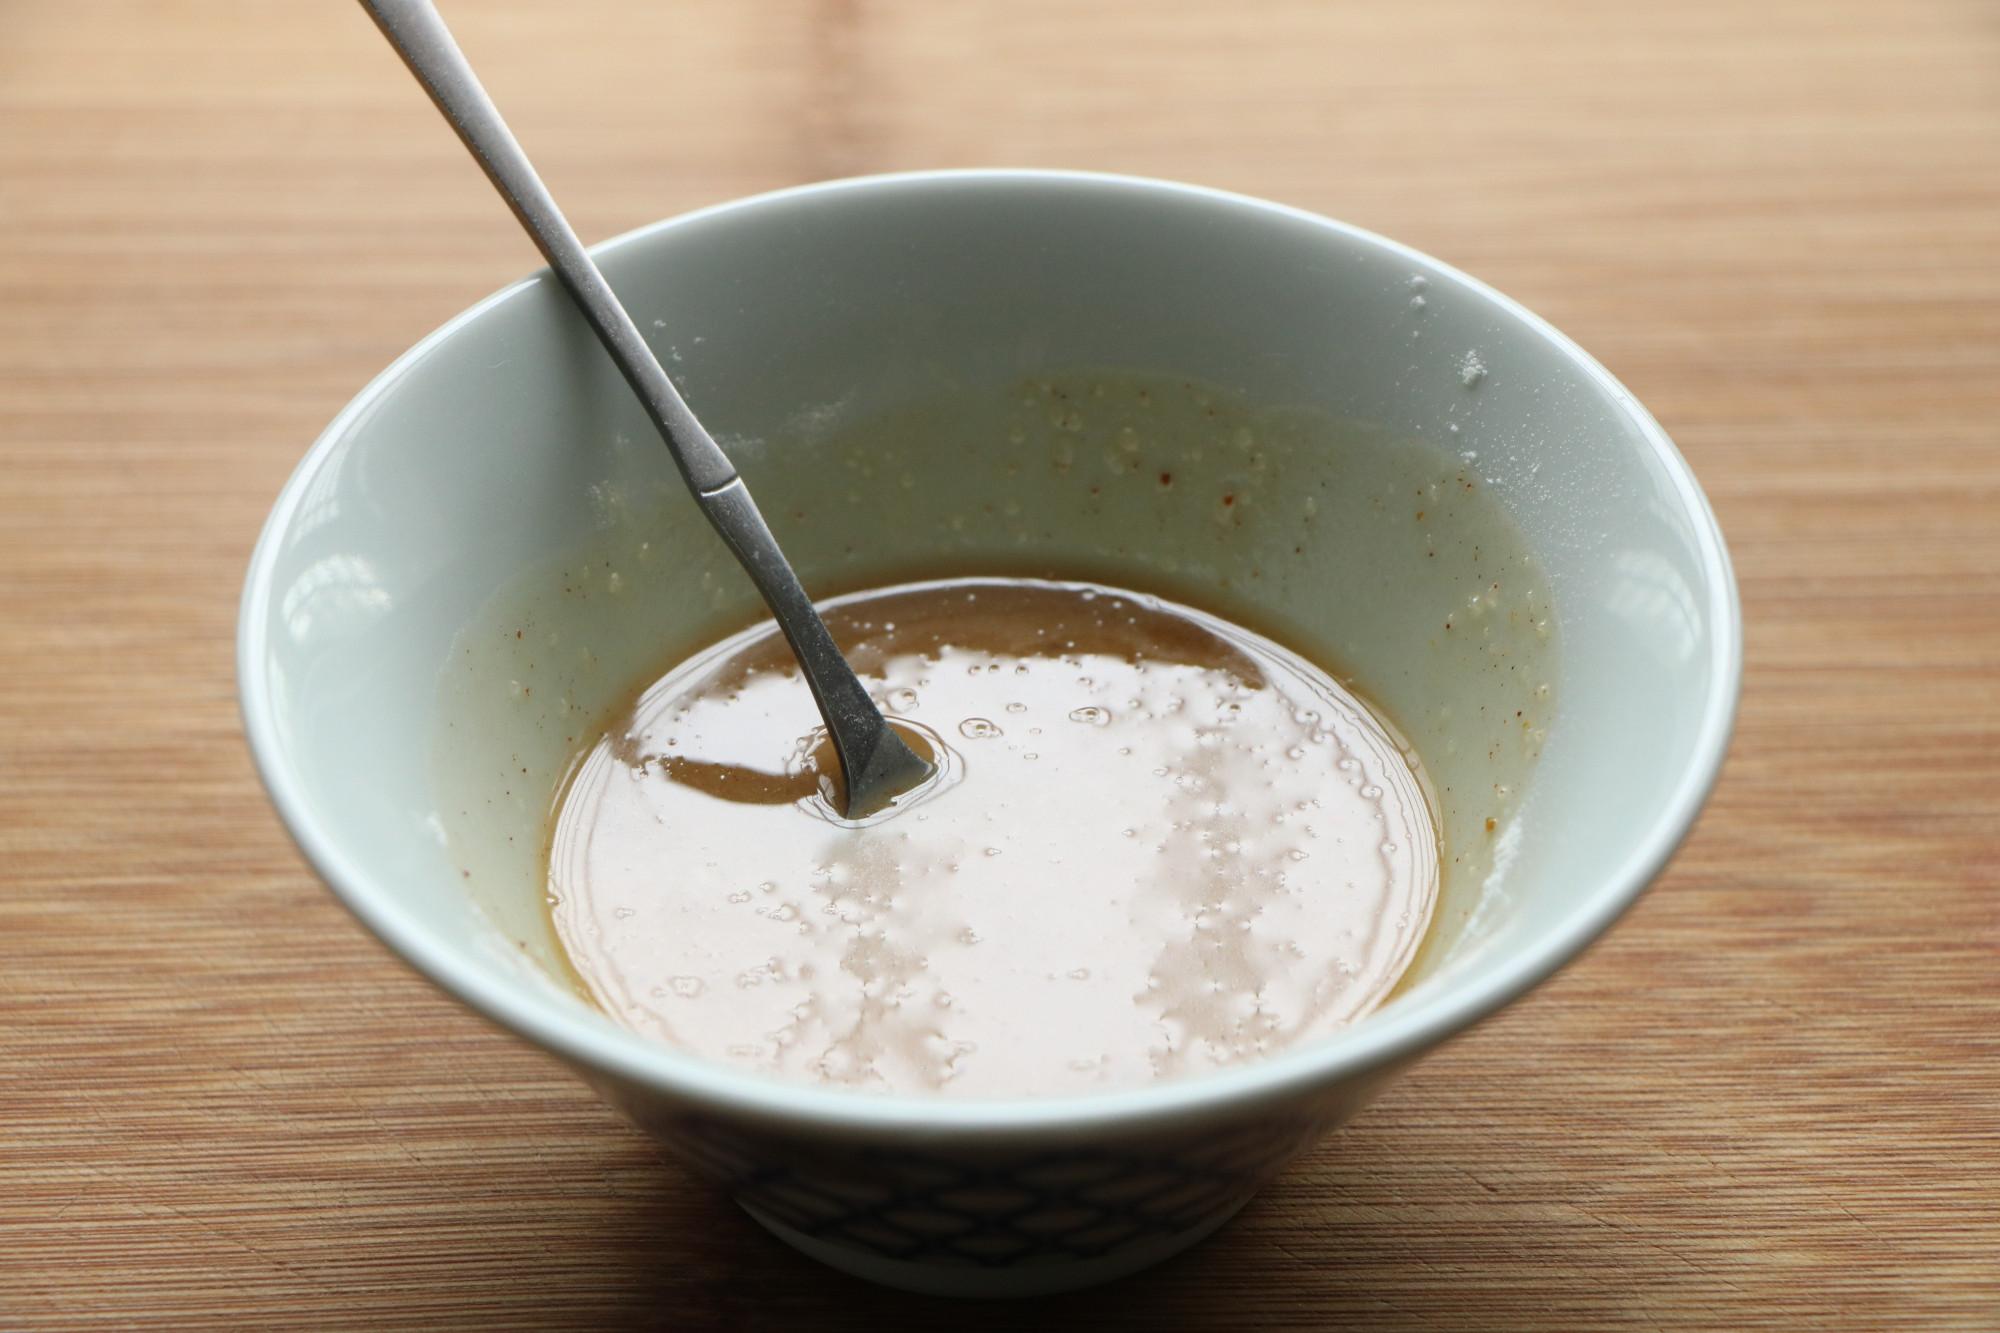 天气凉了,快手早餐提前准备,早起15分钟就搞定,方便又营养